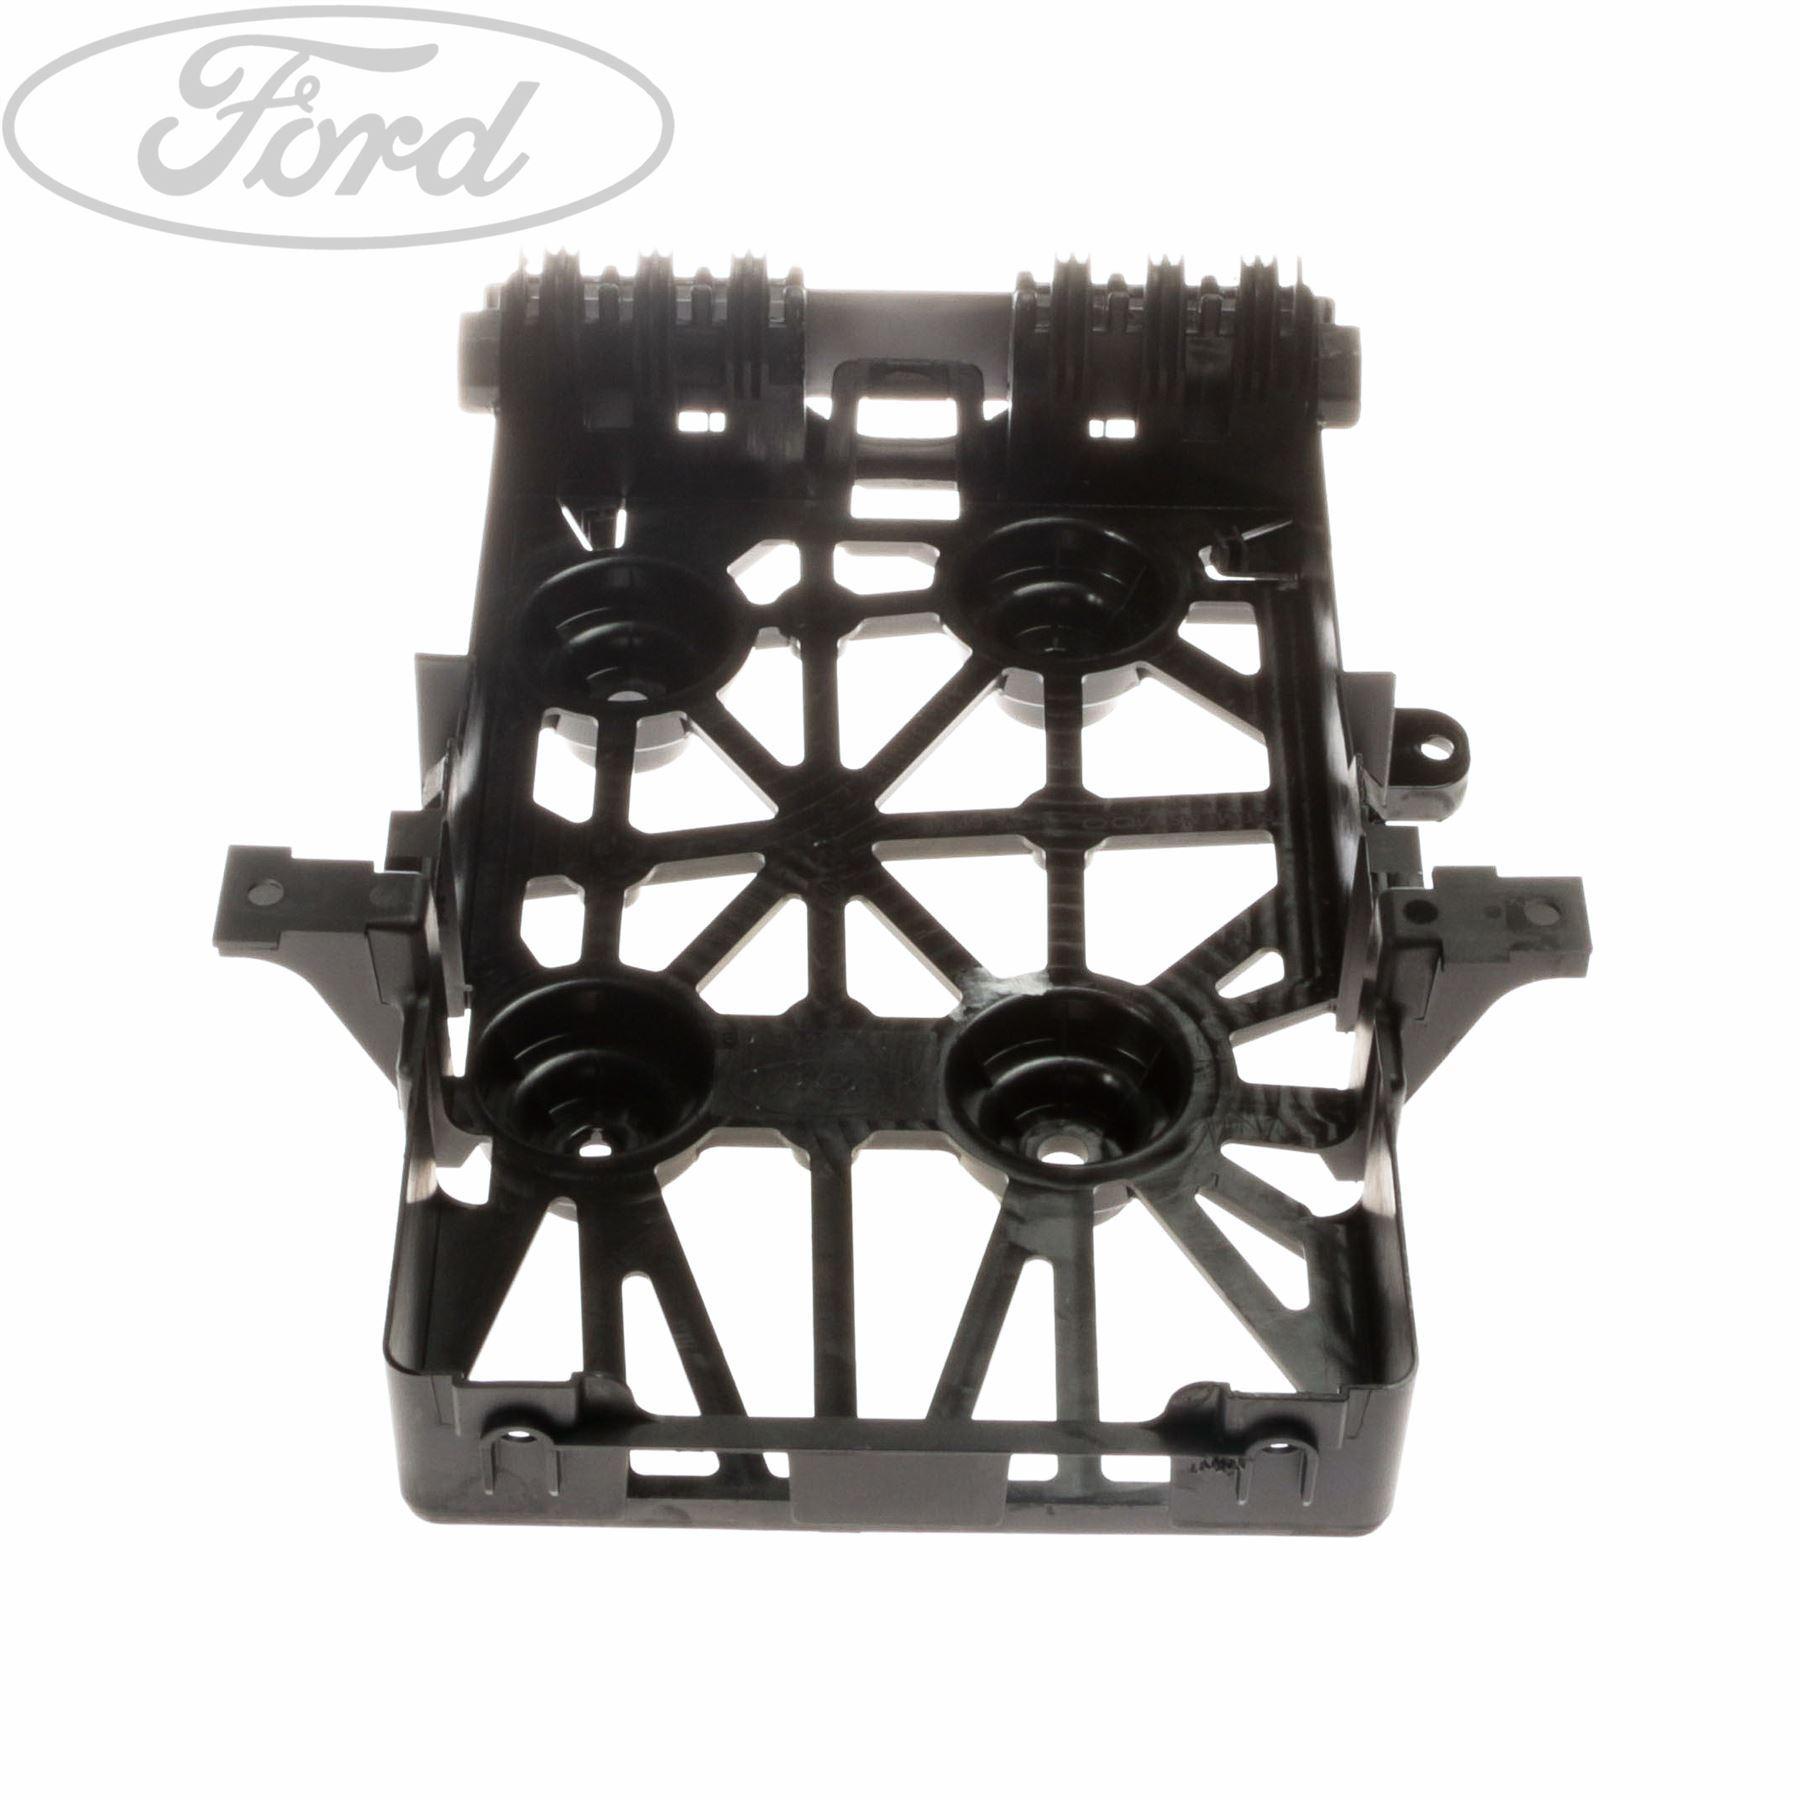 Genuine Ford Transit Mk 7 Fuse Box Bracket 1434704 Ebay New